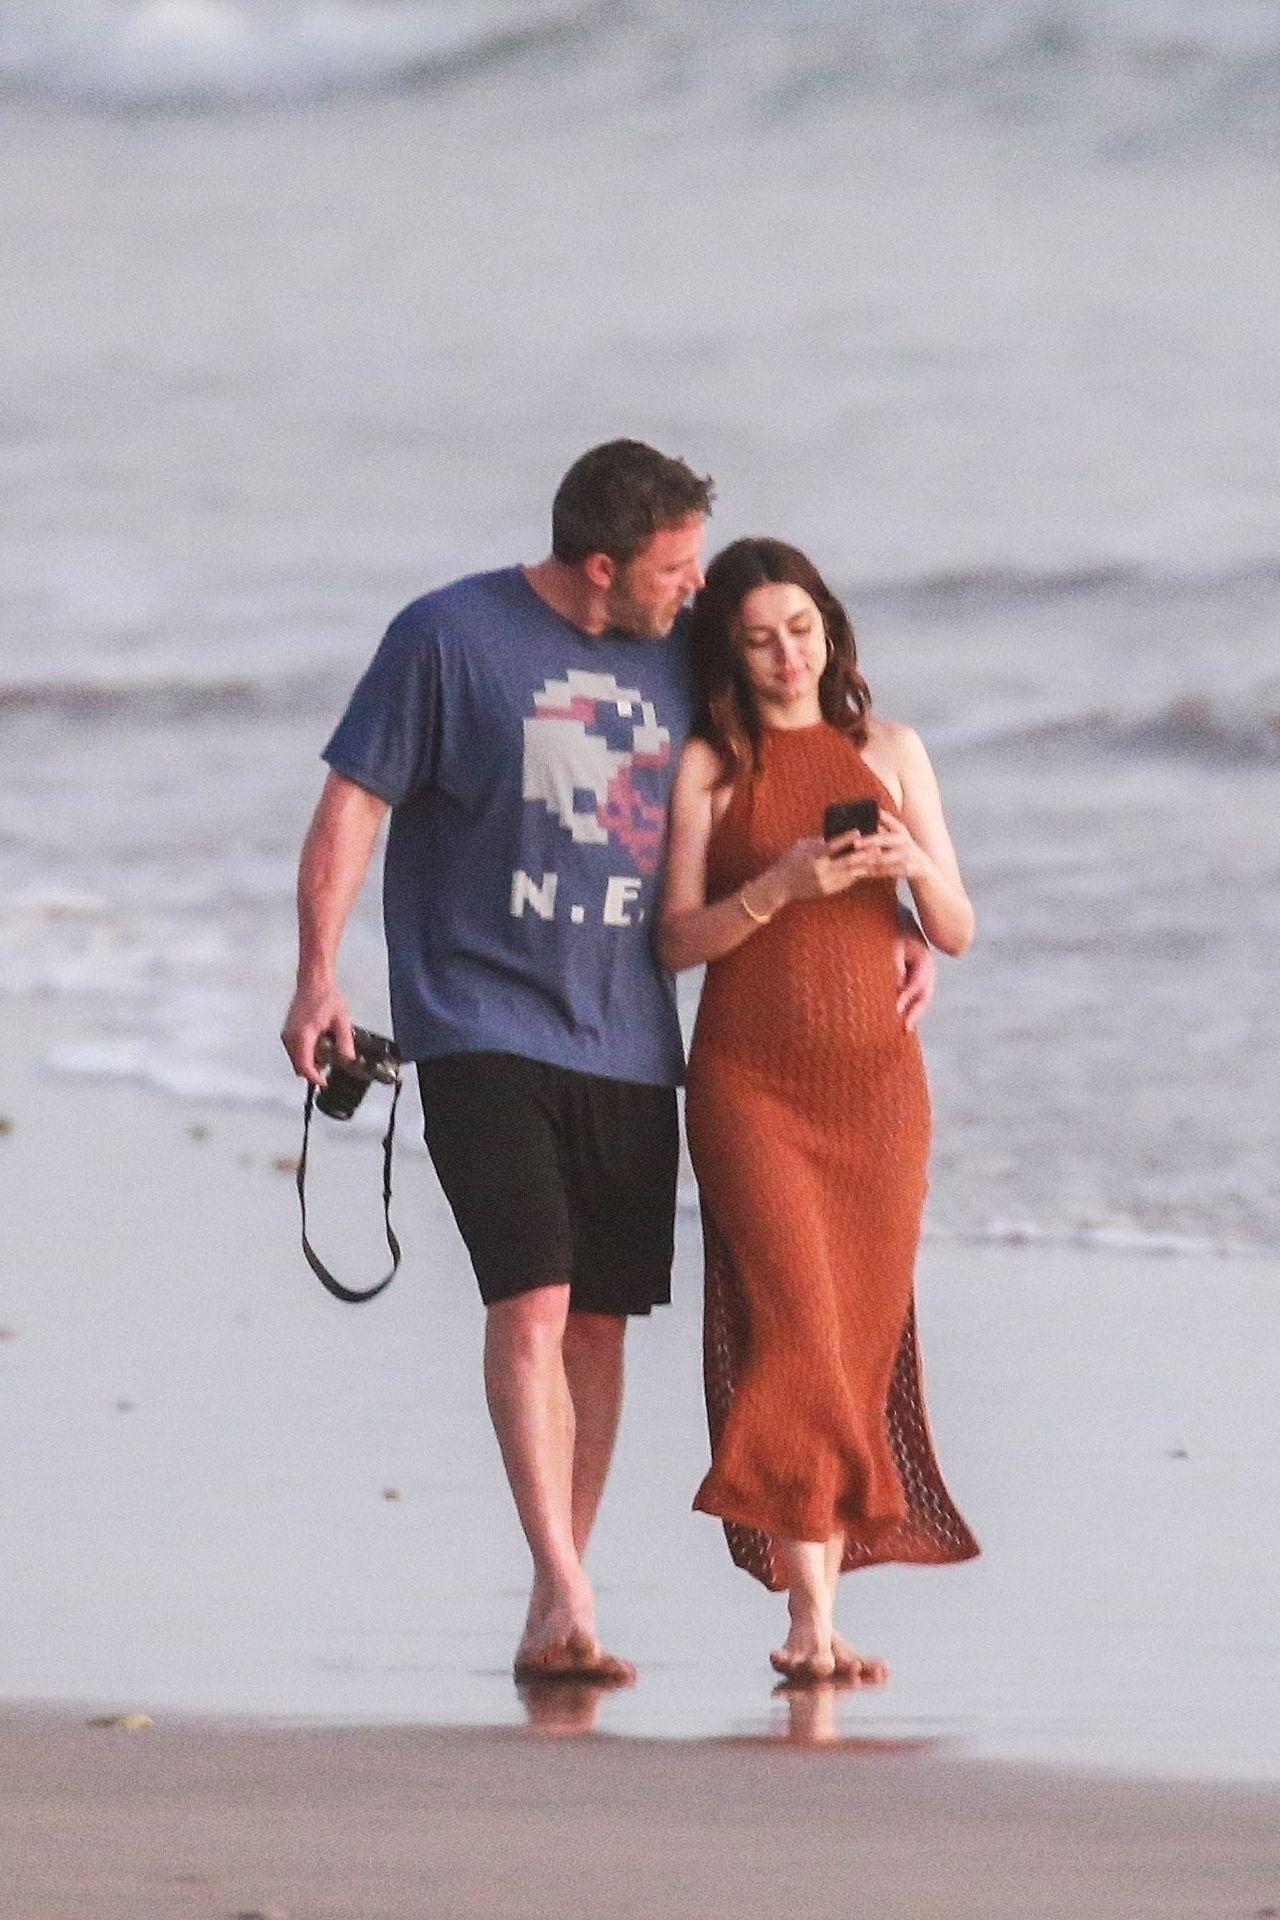 Ben Affleck & Ana De Armas Enjoy A Pda Moment During Romantic Beach Stroll In Costa Rica 0003